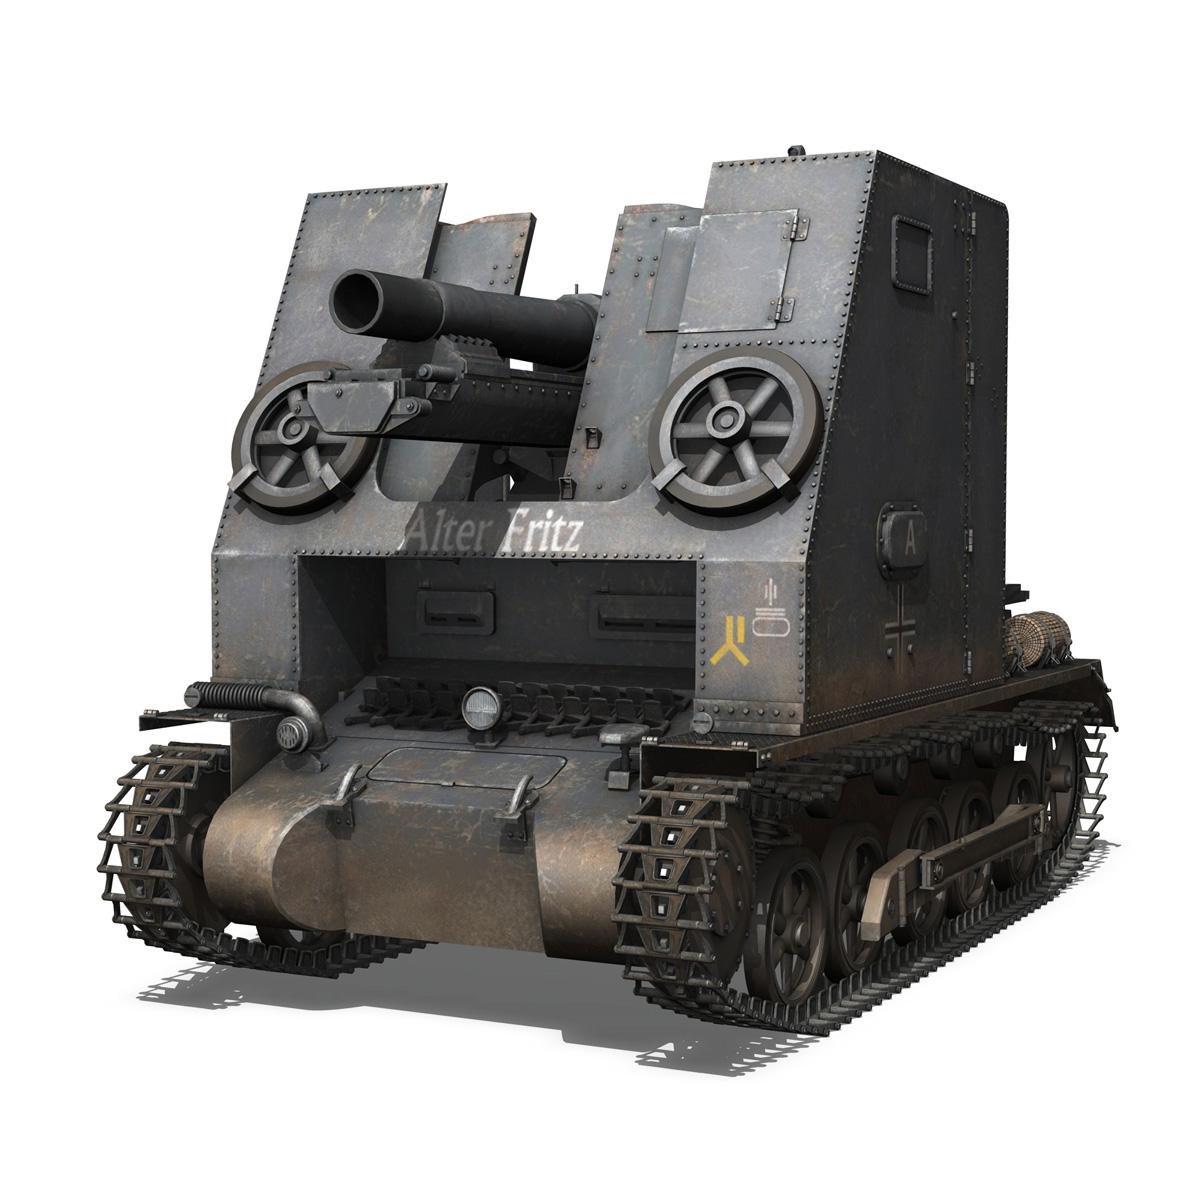 sturmpanzer 1 – bison – alter fritz – 2pzdiv 3d model 3ds fbx lwo lw lws obj c4d 265790